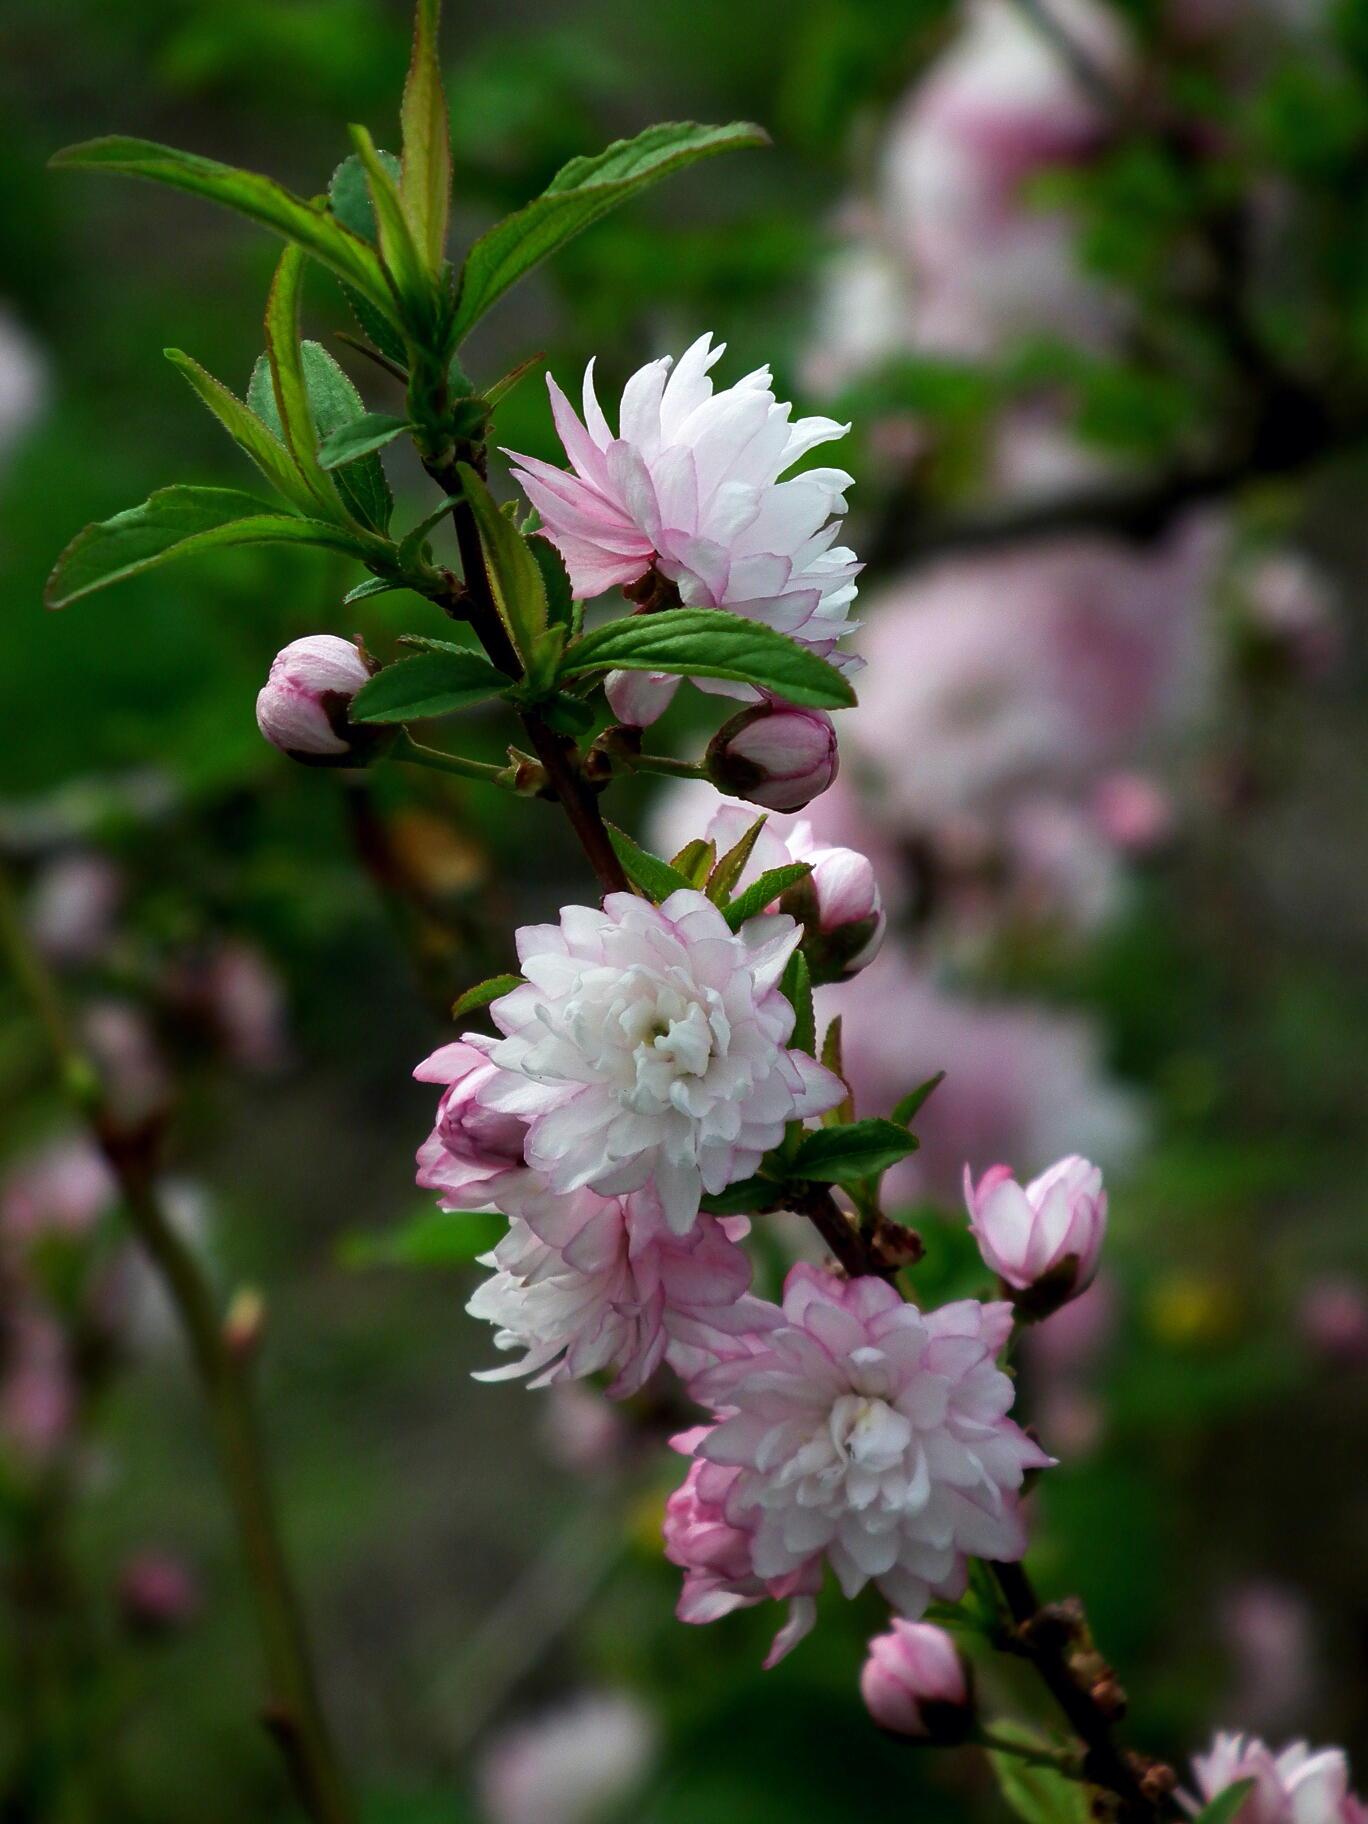 中国では麦李…日本では庭桜_e0064158_23544363.jpg